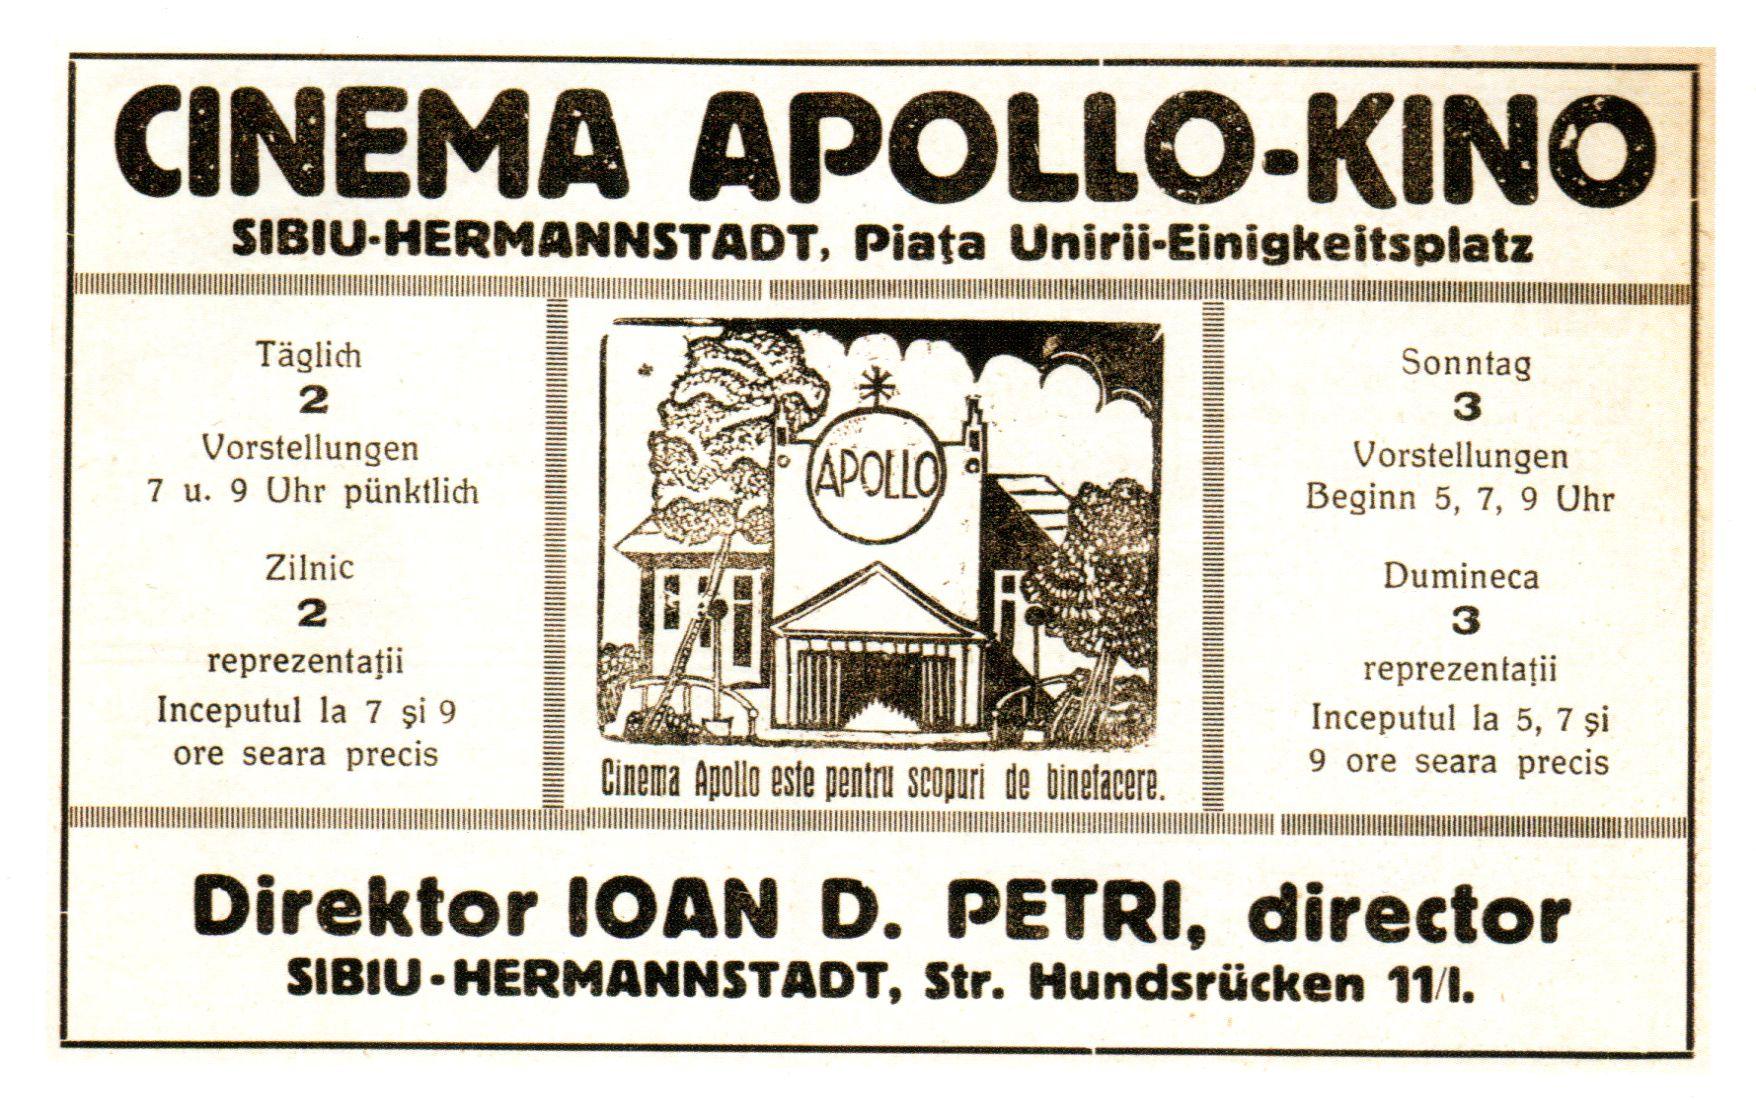 Reclama la cinema Apollo, proprietar Ioan D. Petri, fotografie din colecția personală a lui Konrad Klein